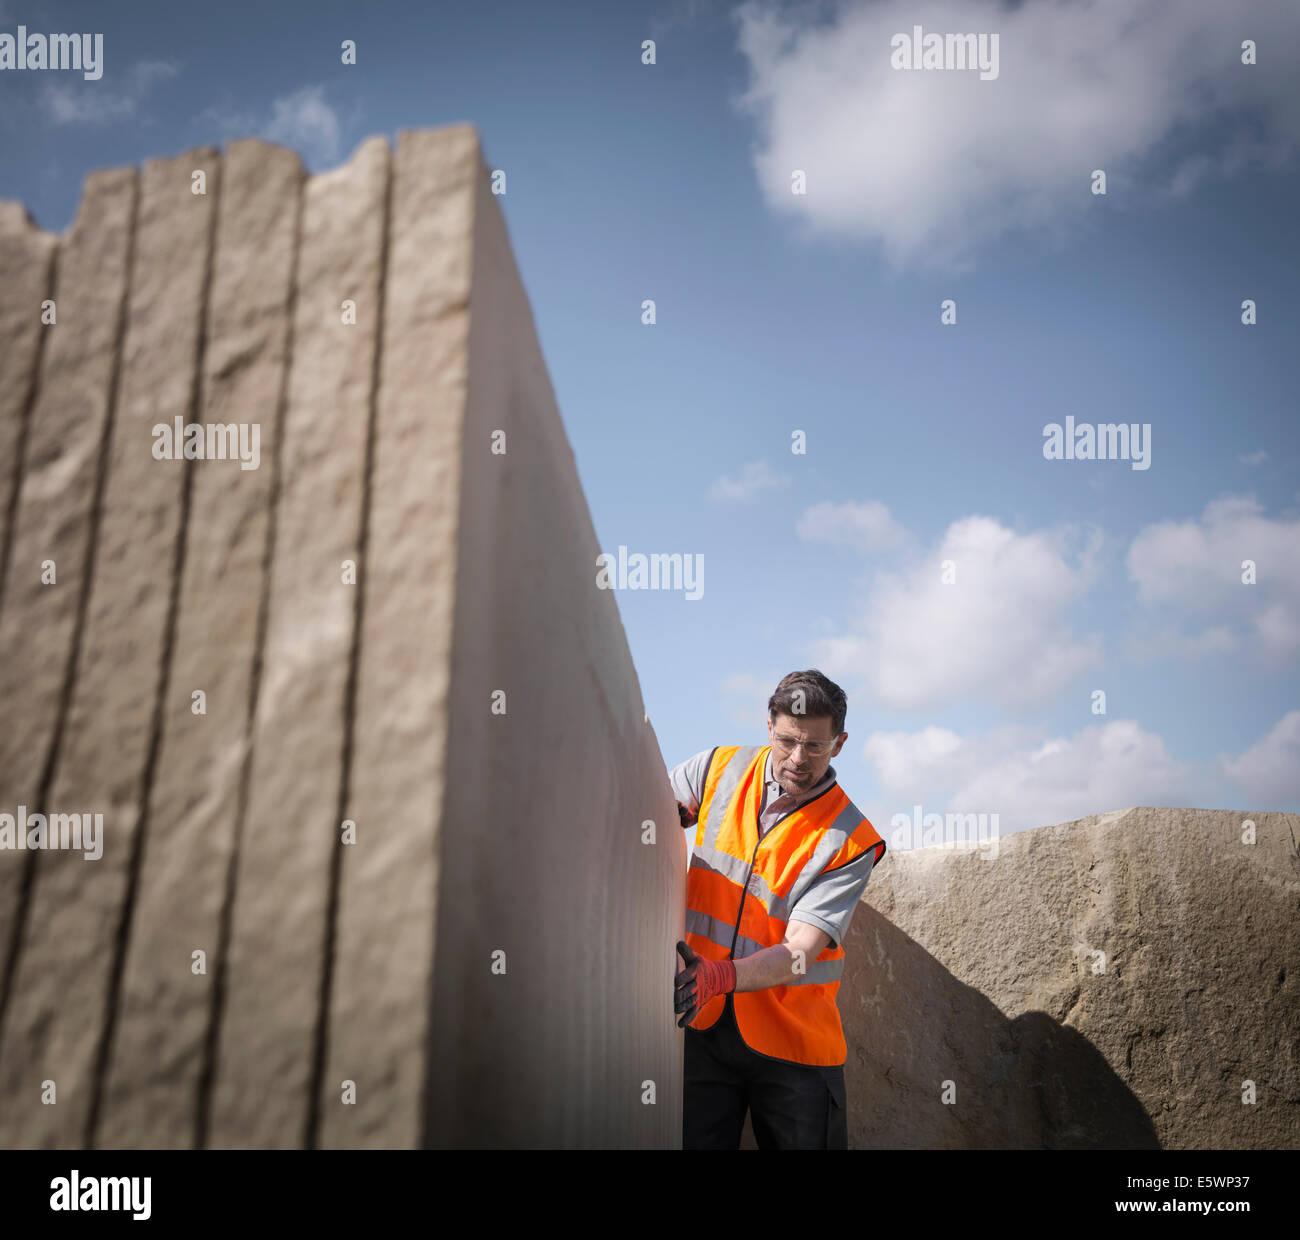 Trabajador de cantera de piedra cortada de inspección, bajo ángulo de visión Imagen De Stock